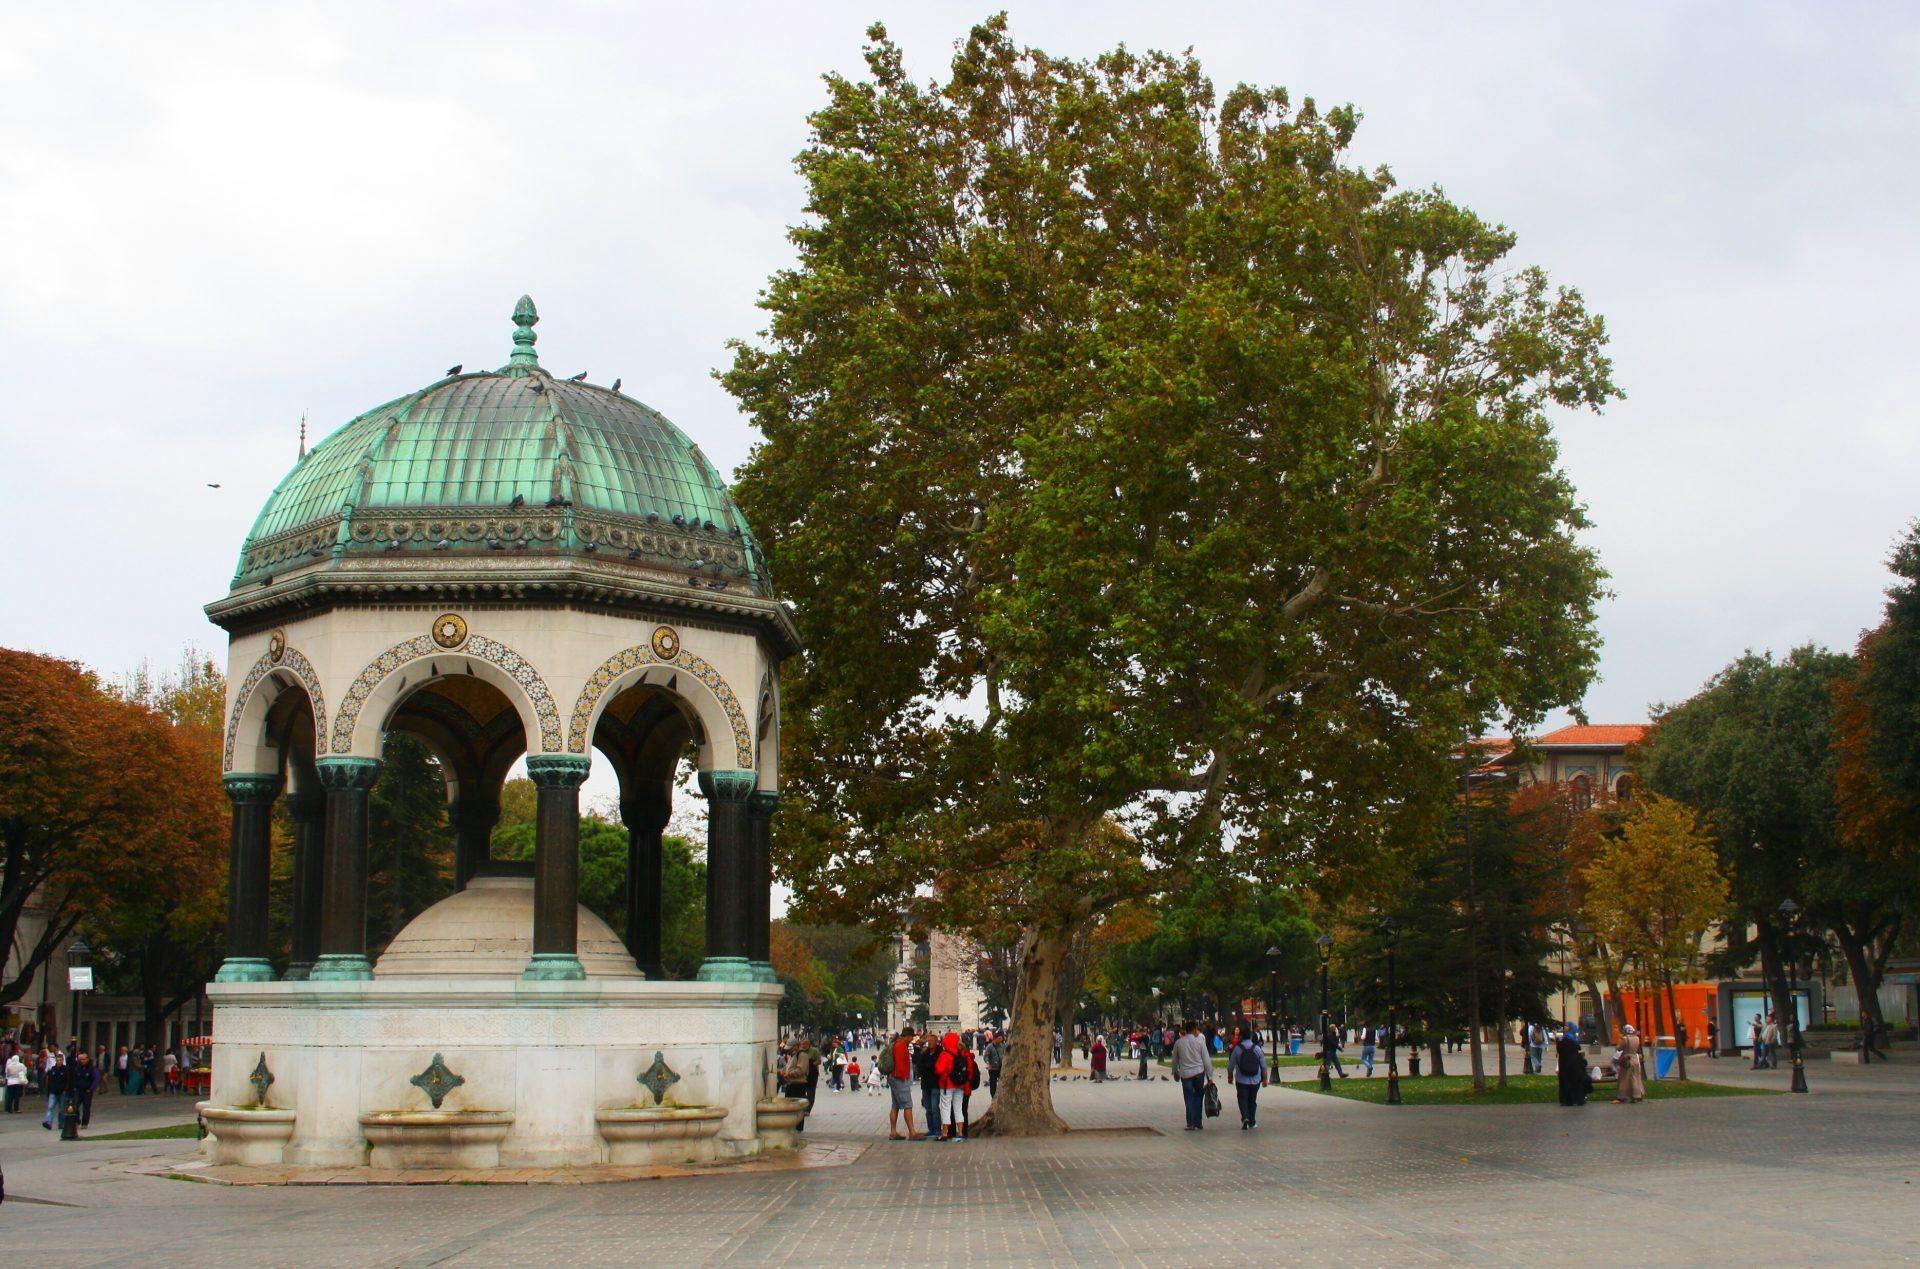 Türk – Alman İlişkileri Ne Zaman Ve Nasıl Başladı. Osmanlı Almanya İmpatorluğu Türk Alman Dostluğu Tarihi Pozisyon Analizi 1